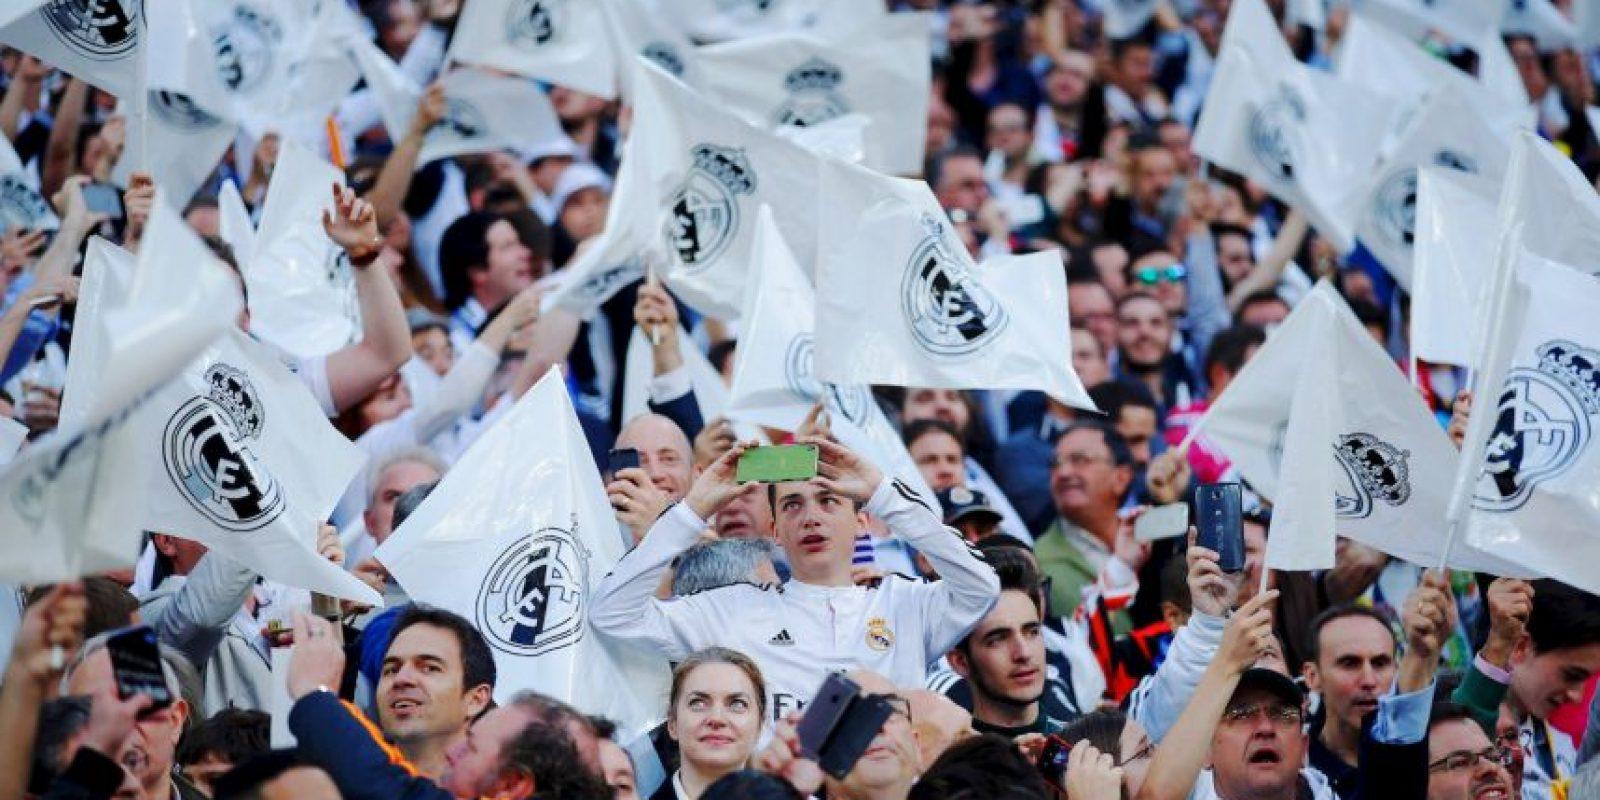 Ambos equipos son protagonistas de una gran rivalidad por ser los dos clubes más importantes de la capital de España. Foto:Getty Images